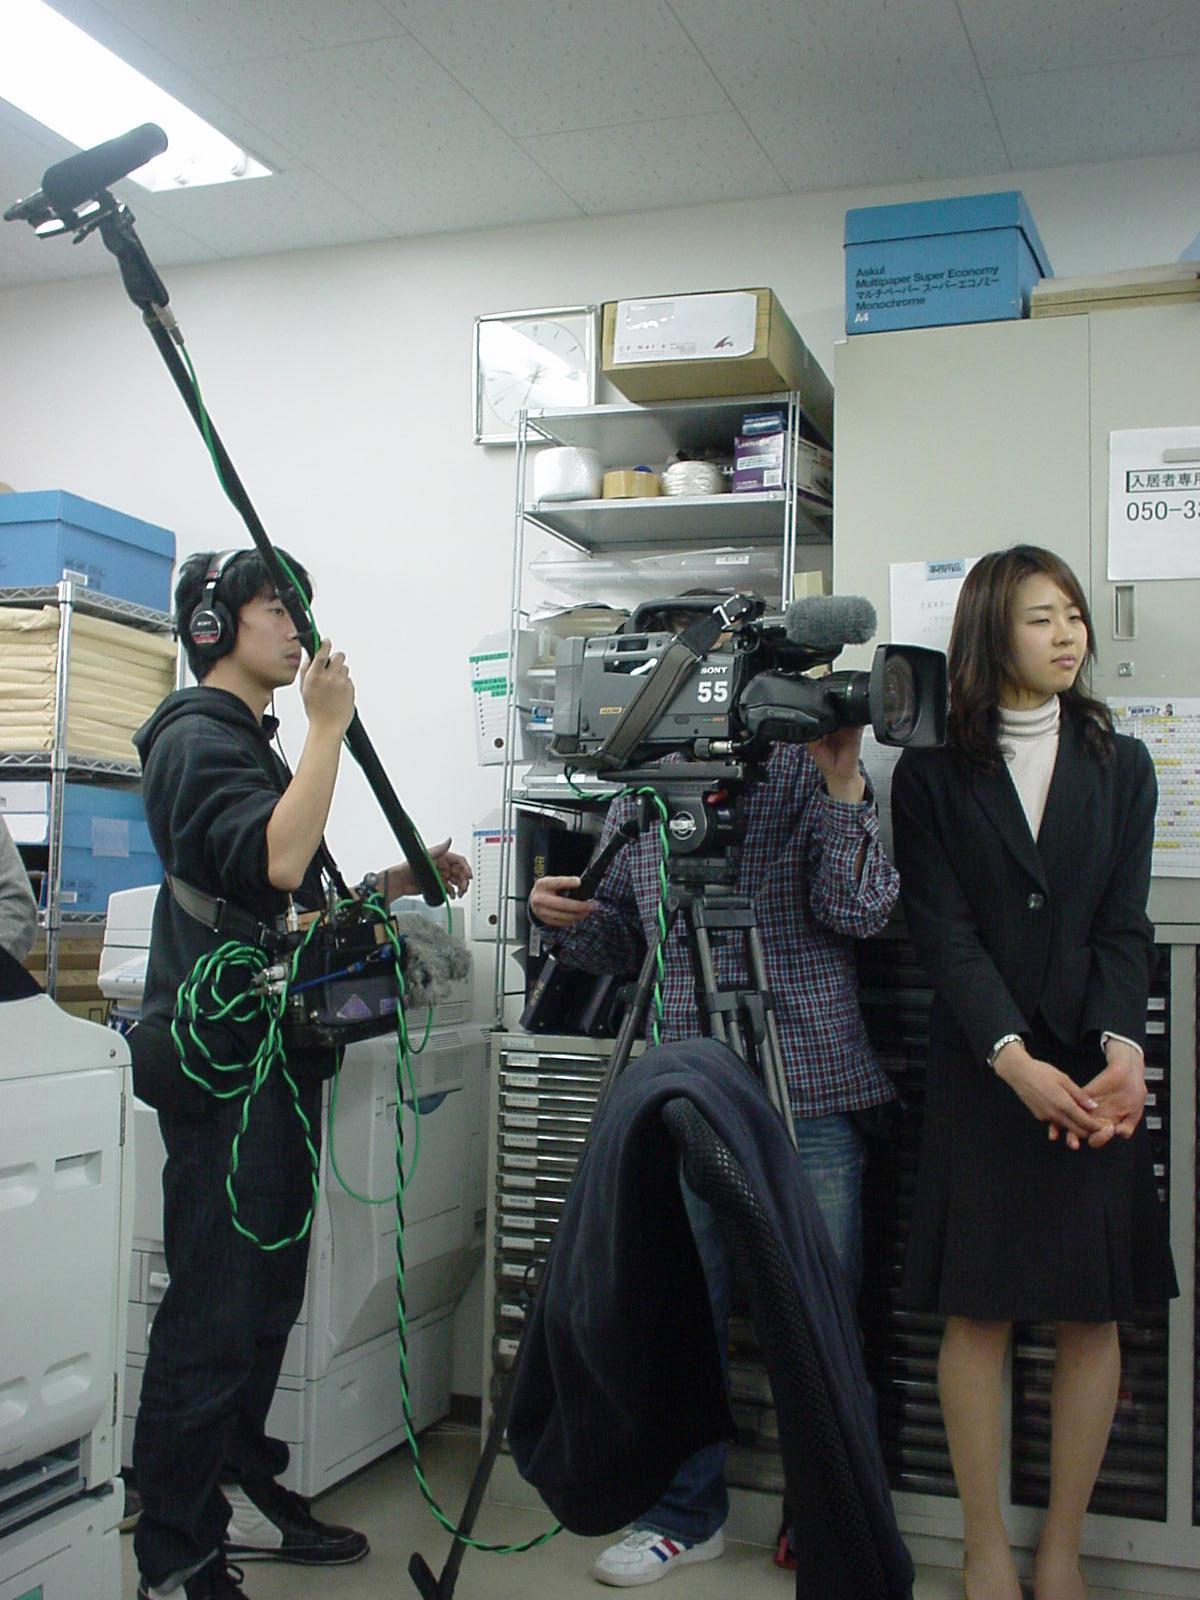 TV取材班がやって来た! : 藤原浩行の「ネット de 不動産コンサル」